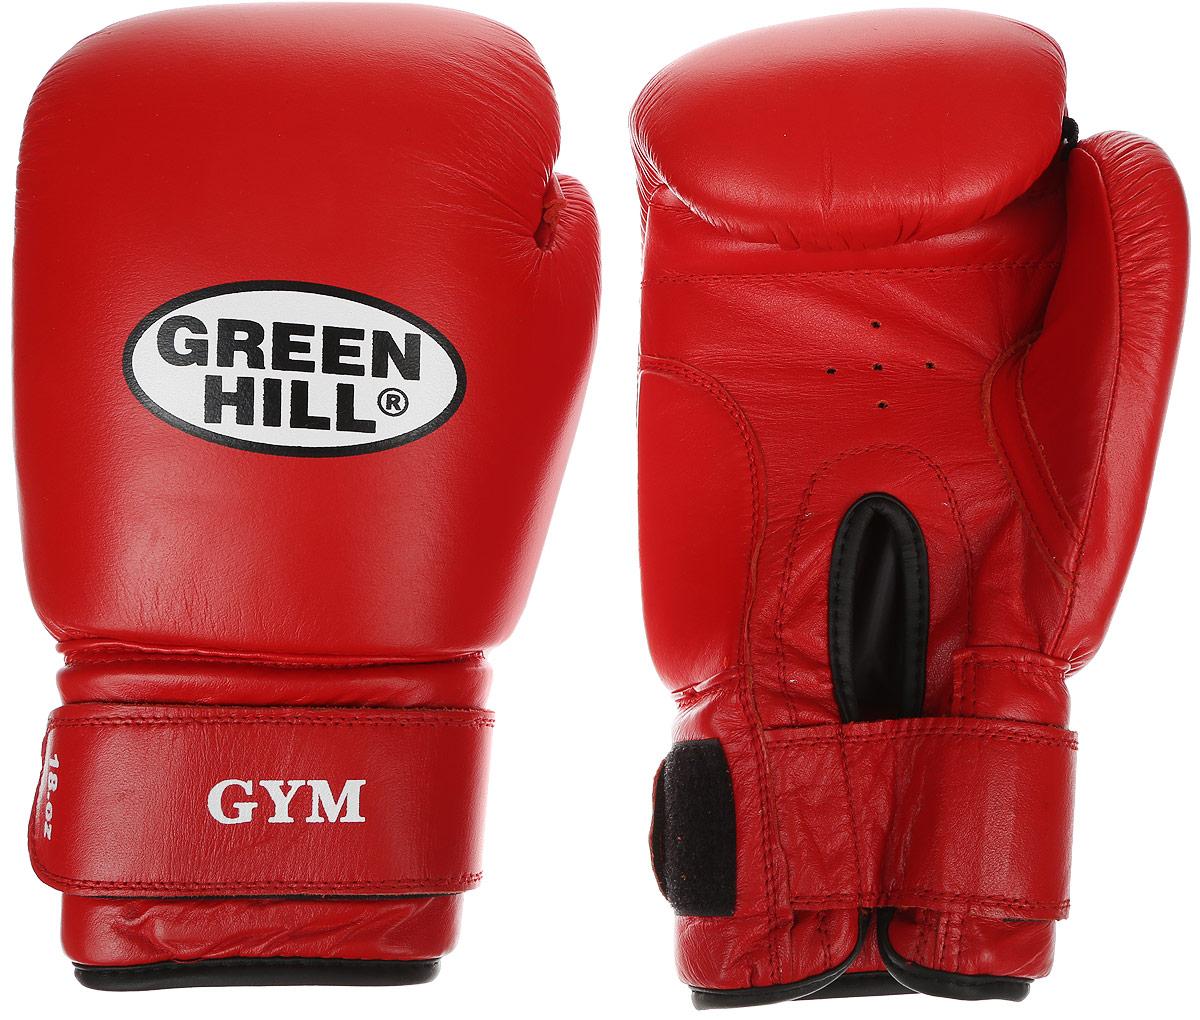 Перчатки боксерские Green Hill Gym, цвет: красный, белый. Вес 18 унцийBY4189Боксерские перчатки Green Hill Gym подходят для всех видов единоборств где применяют перчатки. Подойдет как для бокса, так и для кикбоксинга. Новички и профессионалы высоко ценят эту модель за универсальность. Верхняя часть перчатки выполнена из натуральной кожи, наполнитель - пенополиуретан. Перфорированная поверхность в области ладони позволяет создать максимально комфортный терморежим во время занятий. Закрепляется на руке при помощи липучки.